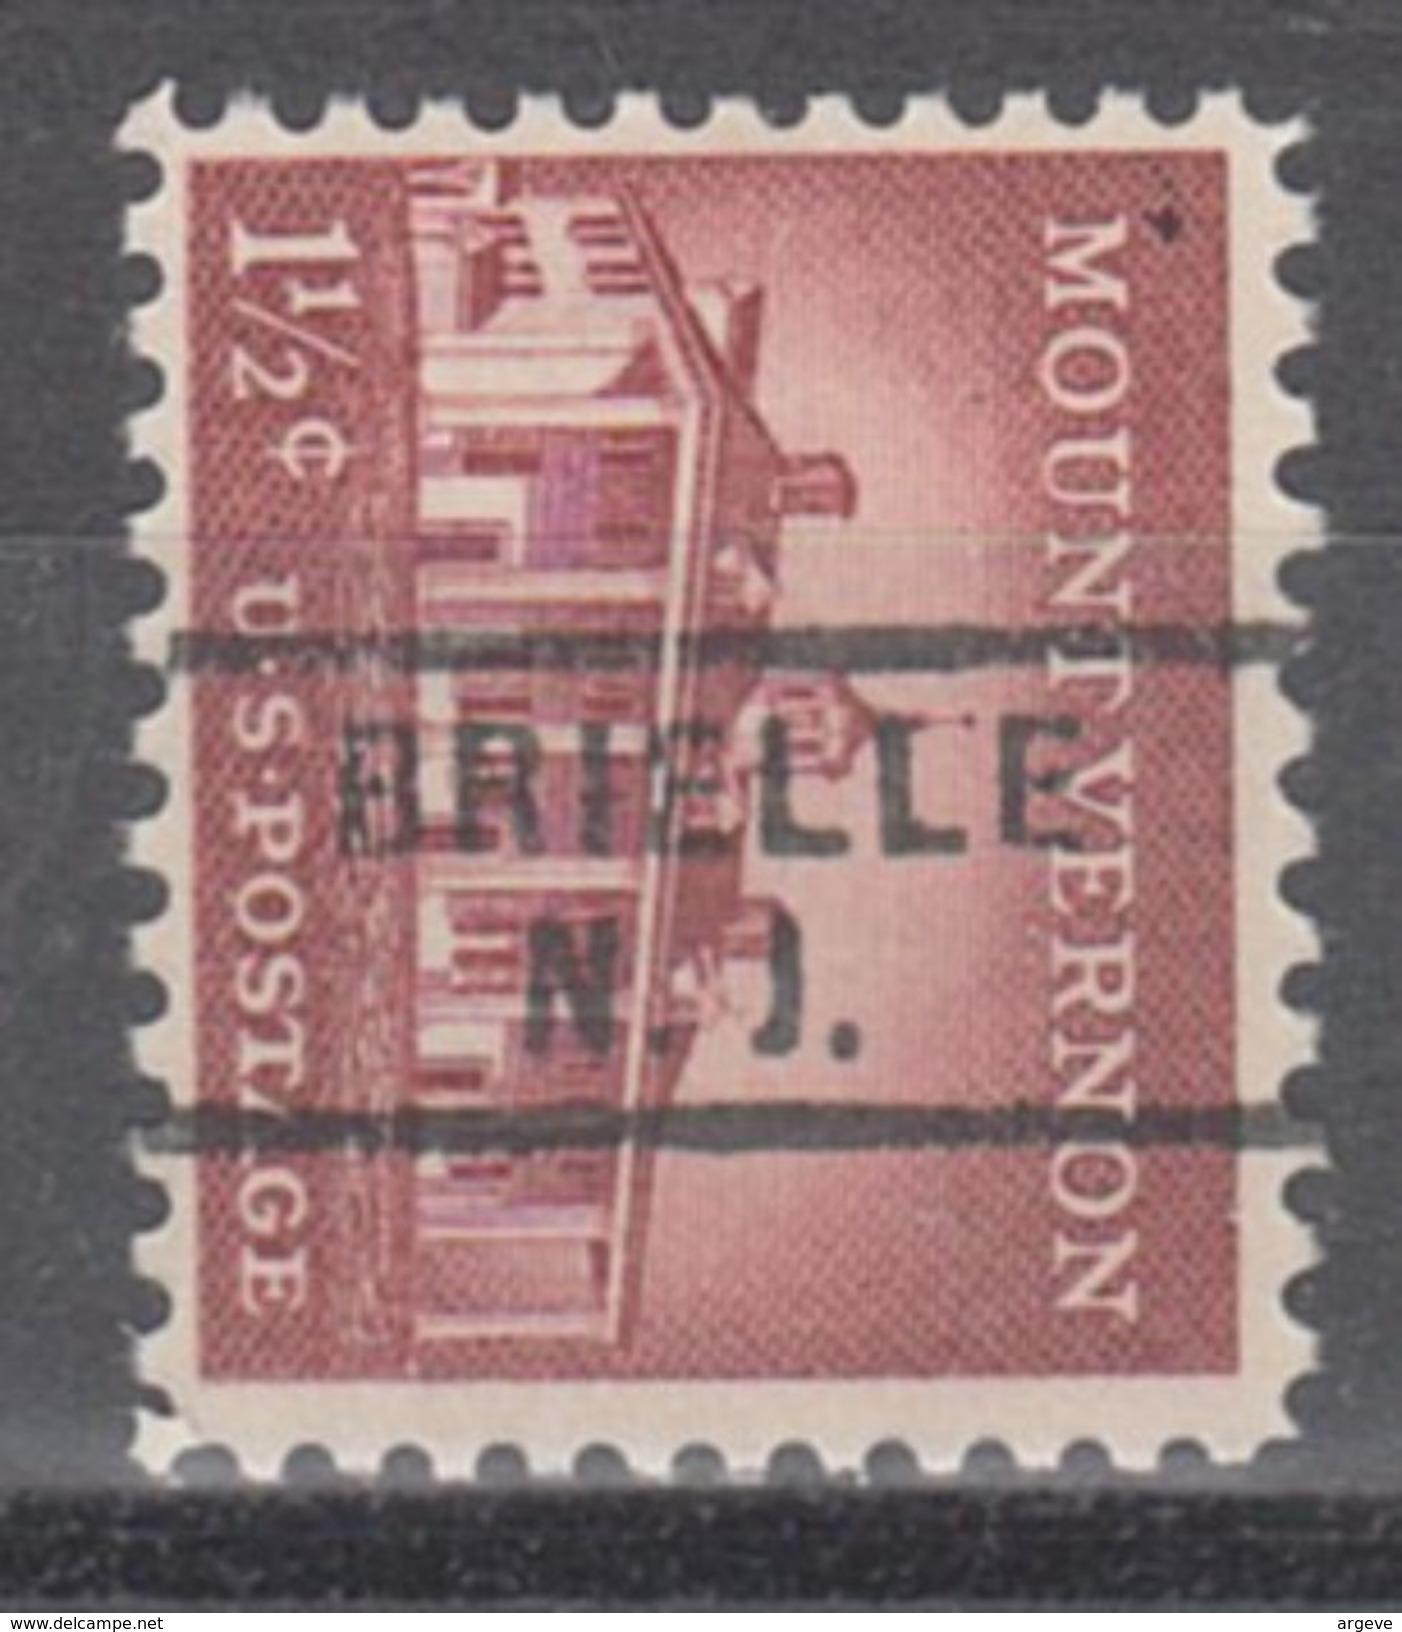 USA Precancel Vorausentwertungen Preo, Locals New Jersey, Brielle 729 - Vorausentwertungen